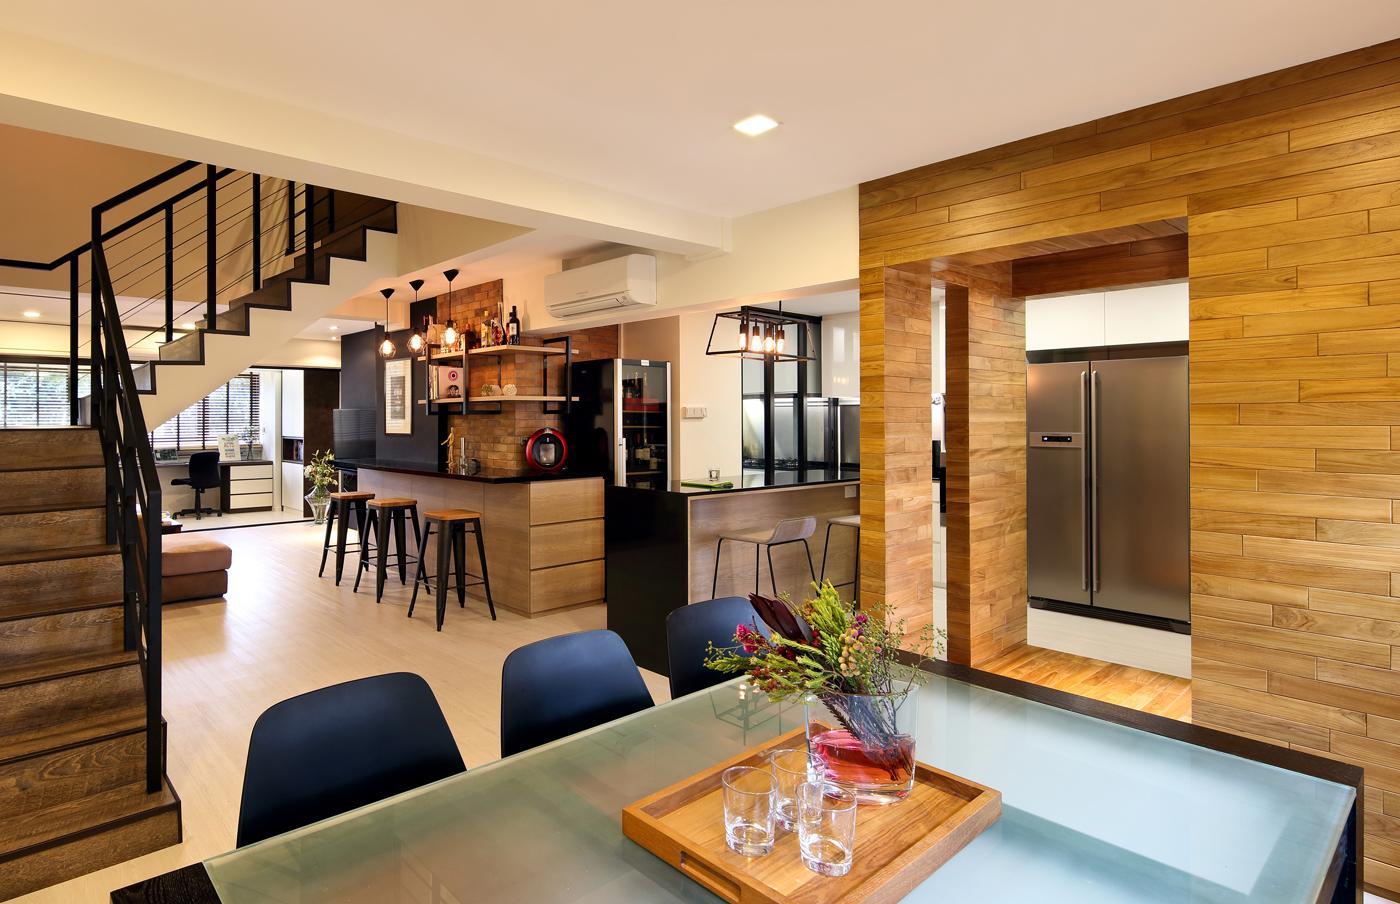 Двухуровневая квартира с отделкой из дерева